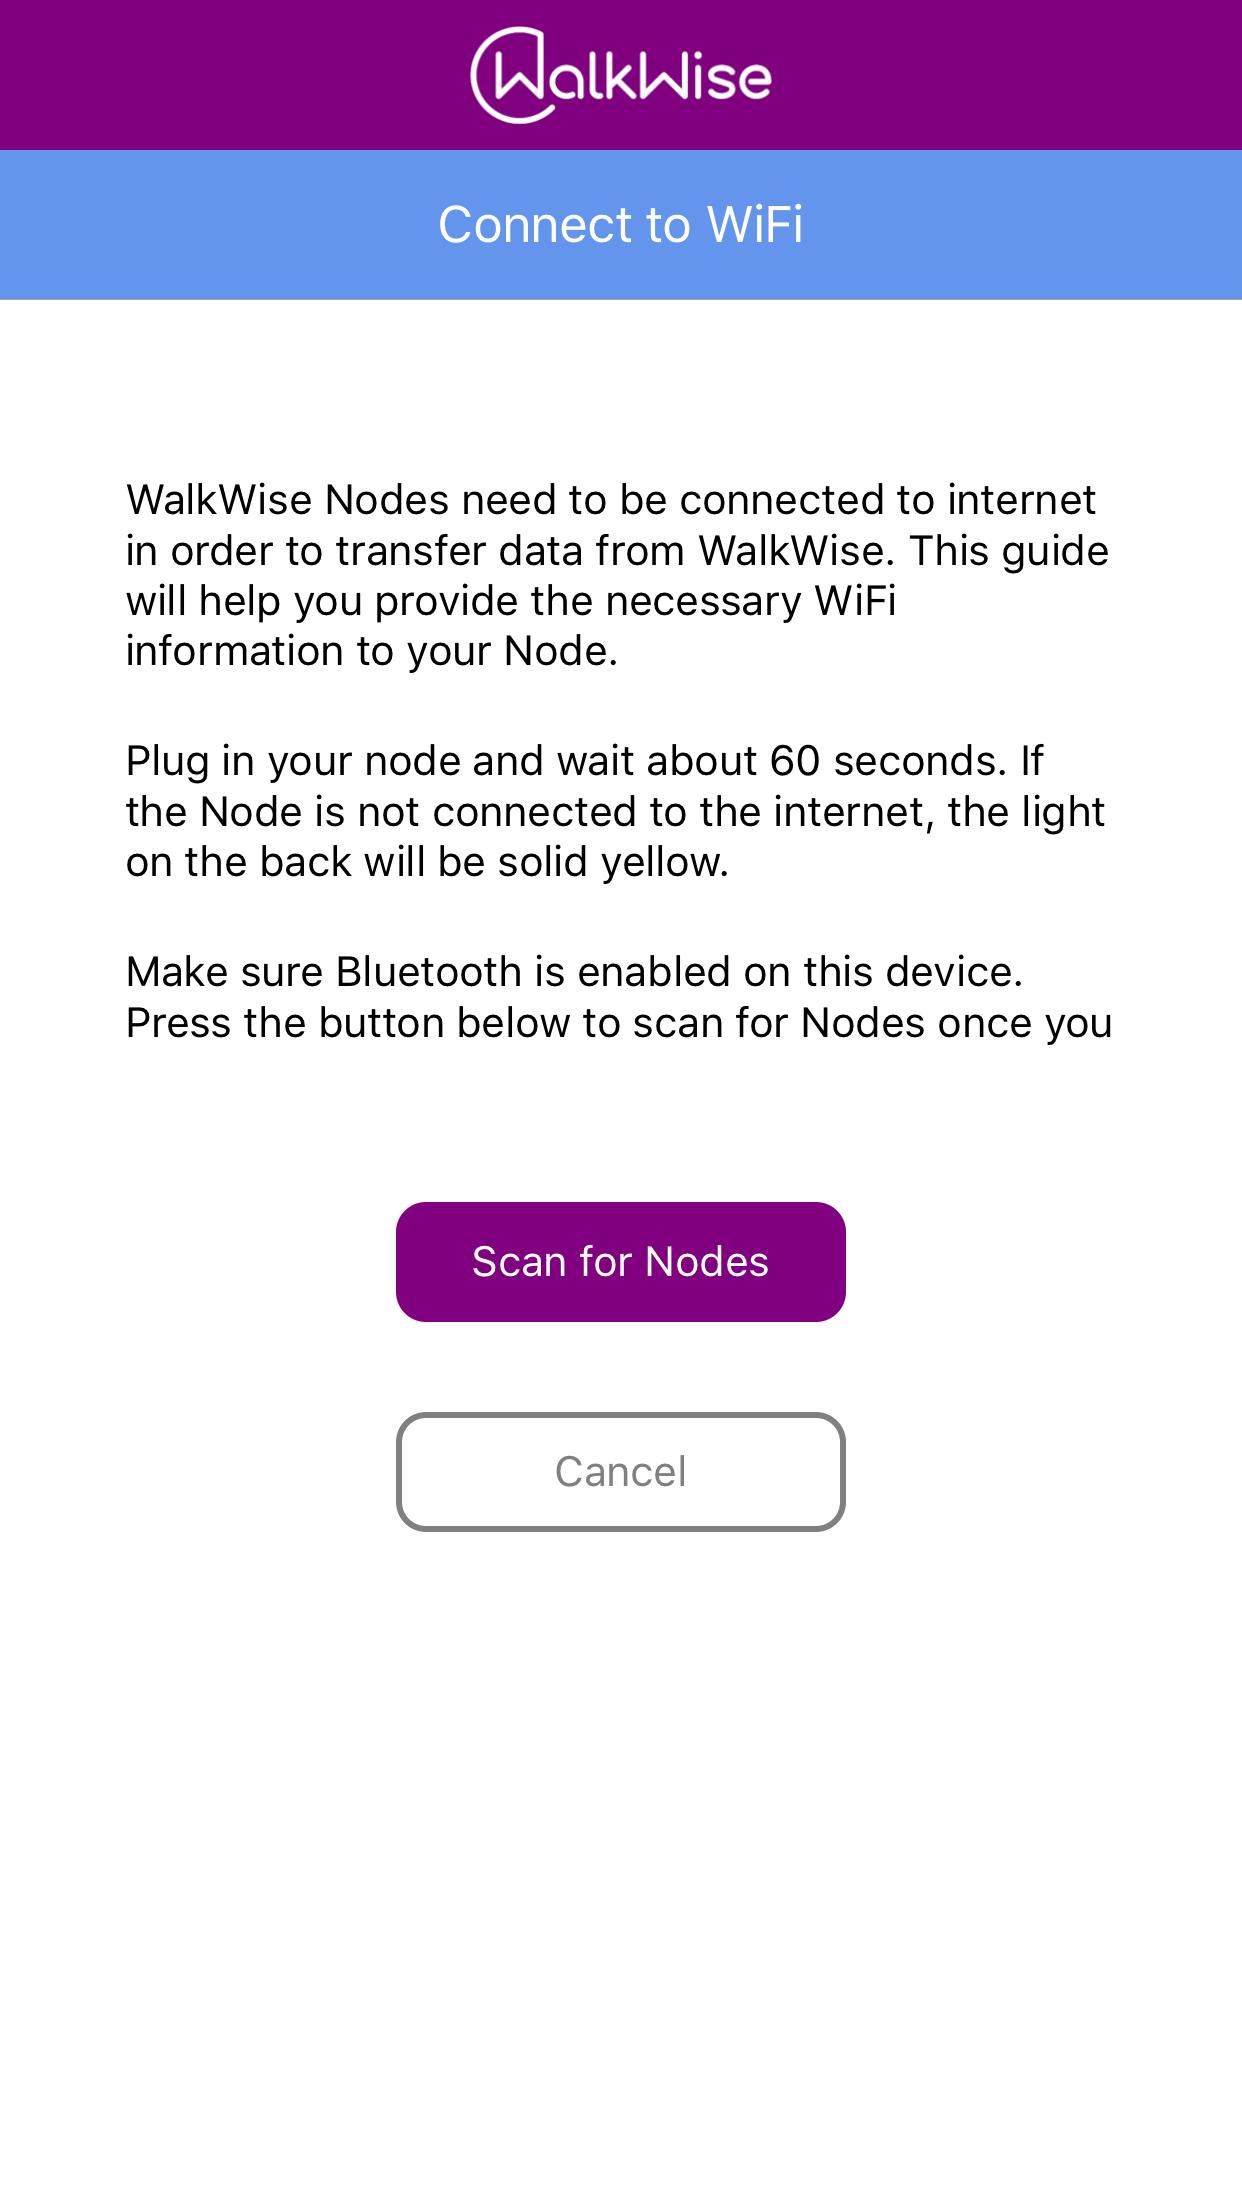 Simulator Screen Shot - iPhone 8 Plus - 2018-10-16 at 12.46.52.png